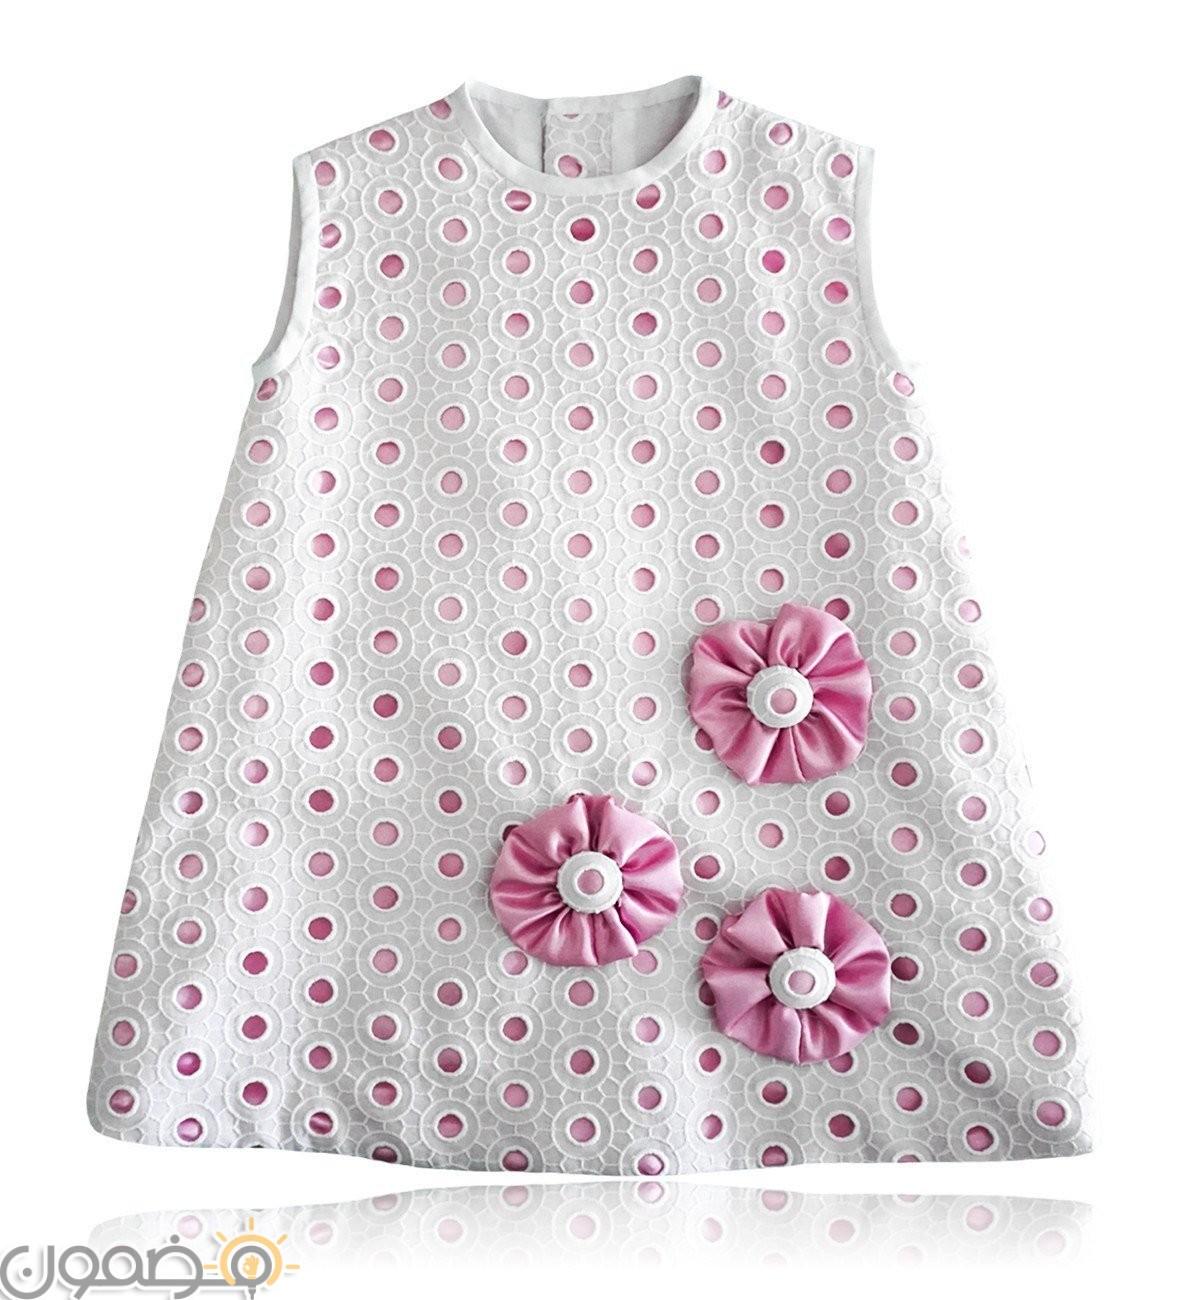 ملابس بنات صغار للصيف 1 ملابس بنات صغار للصيف